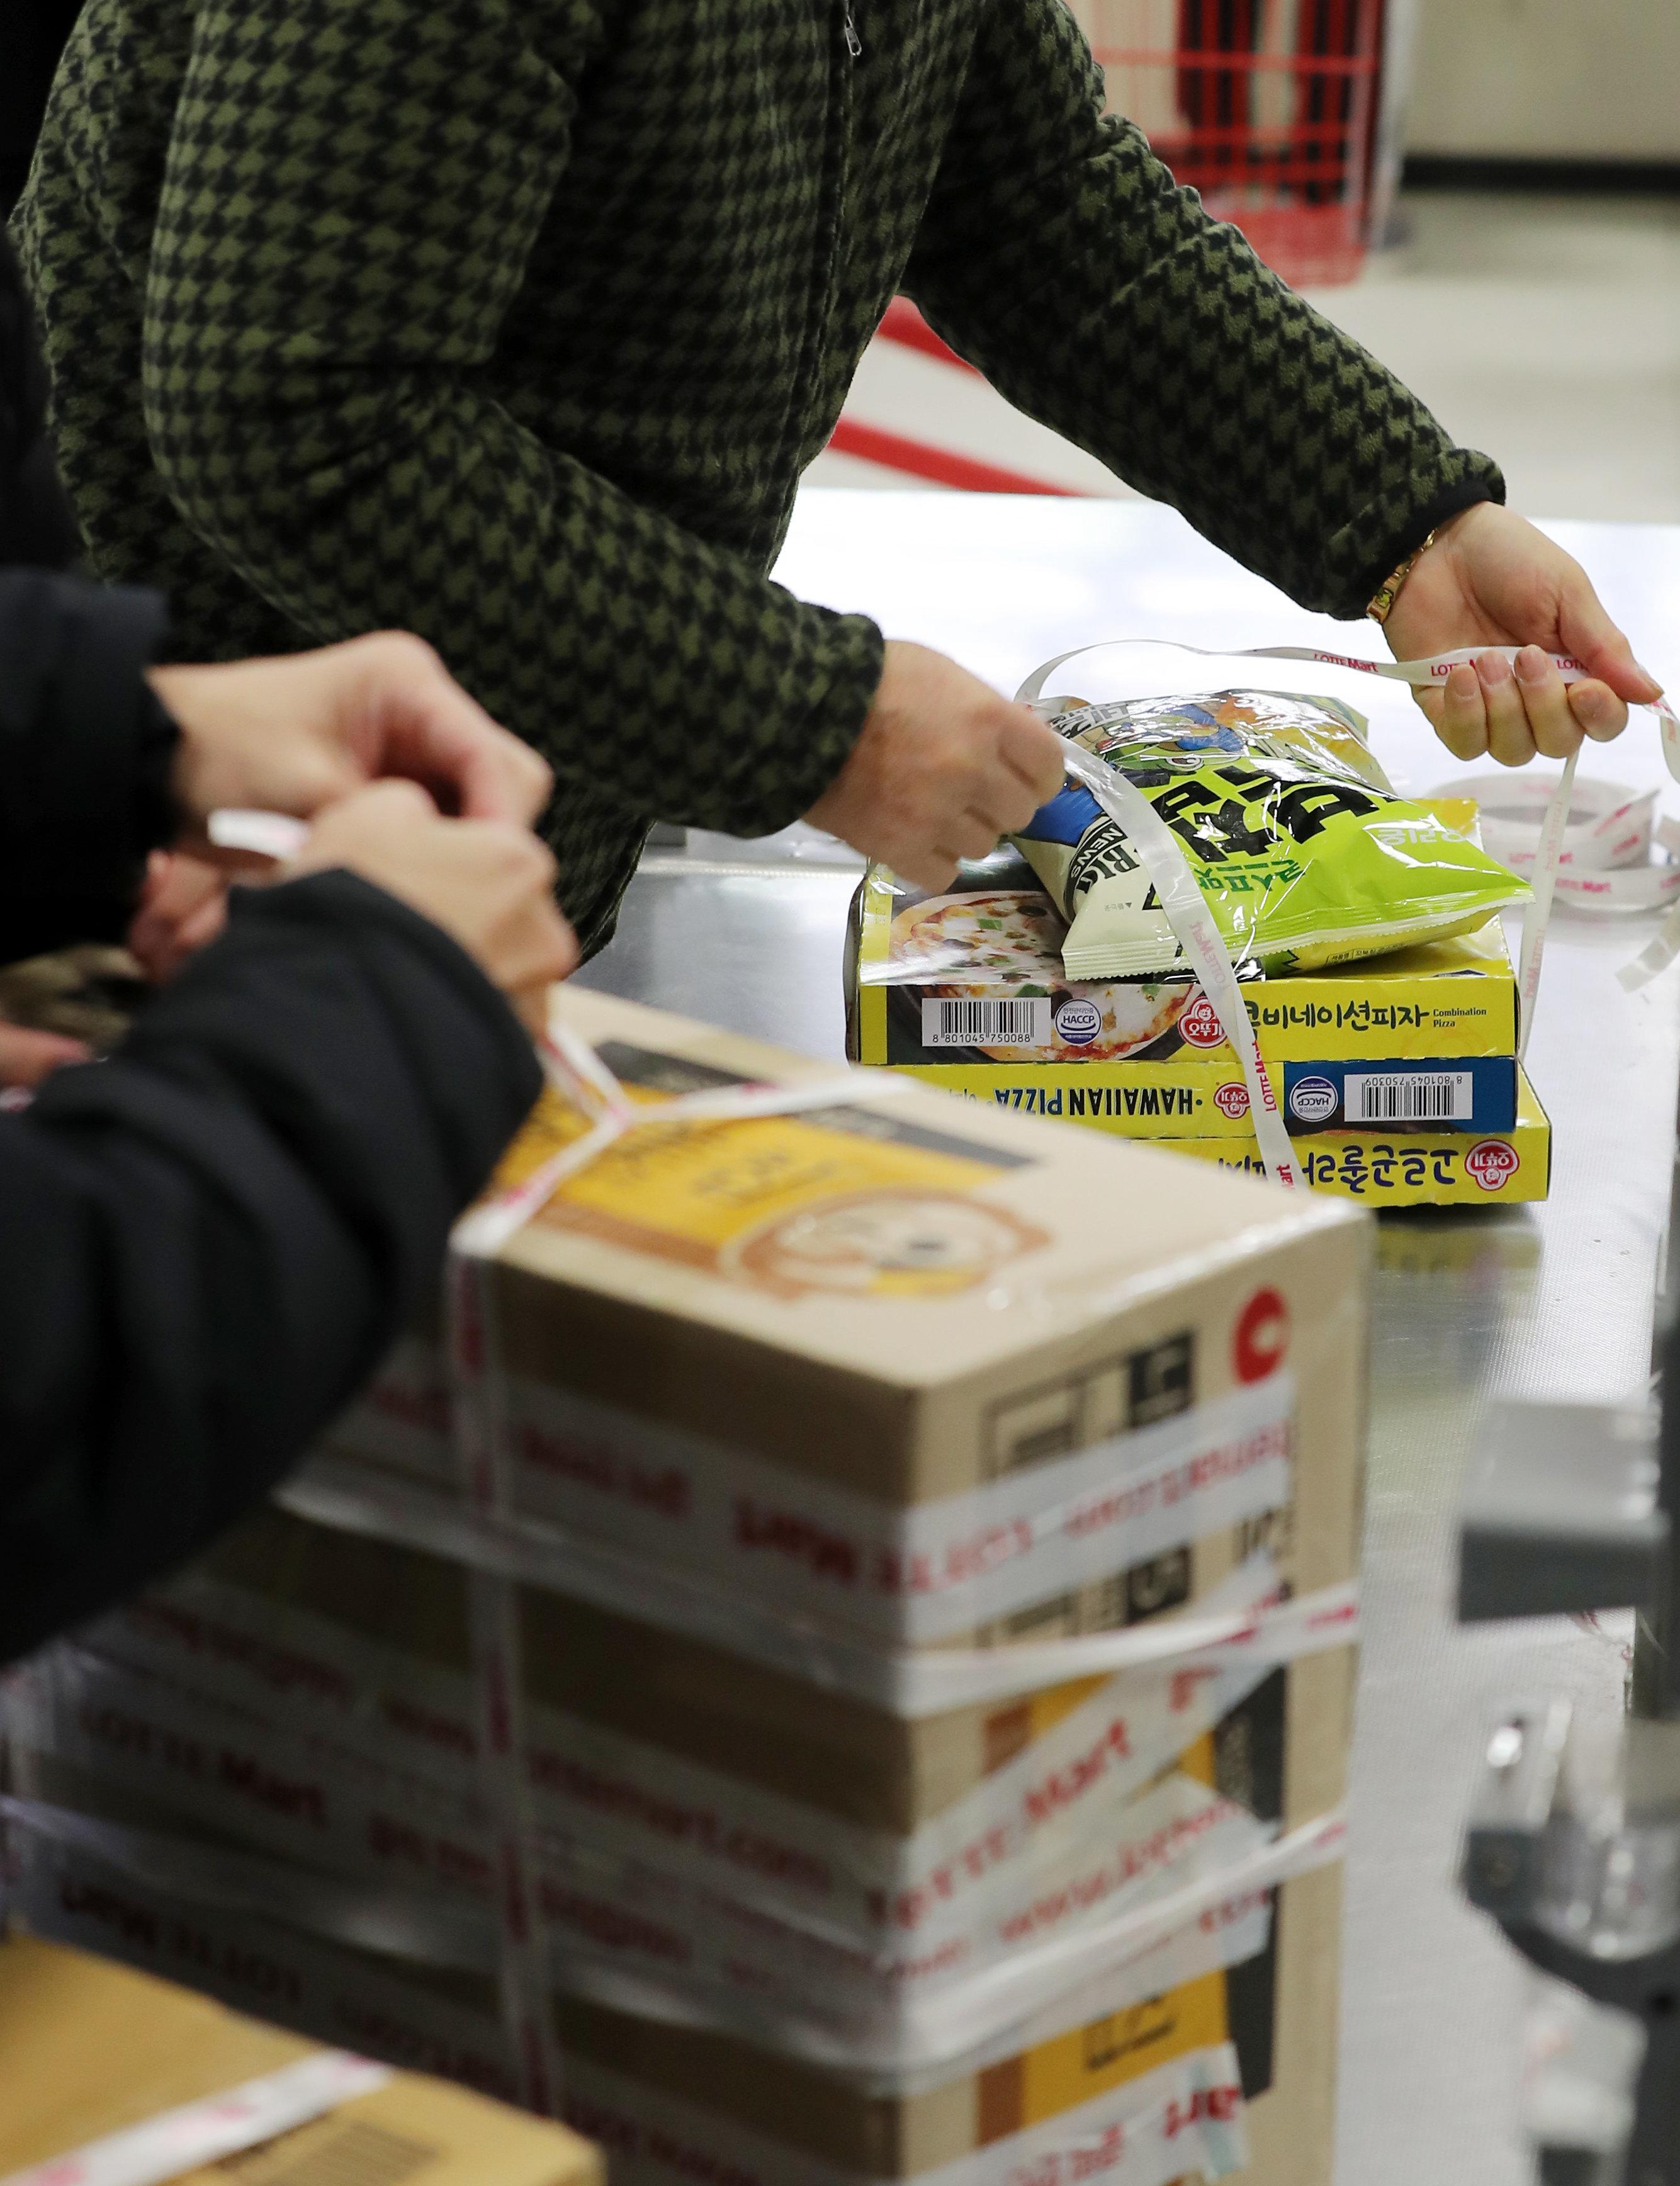 서울시가 4월부터 대형 슈퍼, 제과점의 비닐봉투 사용을